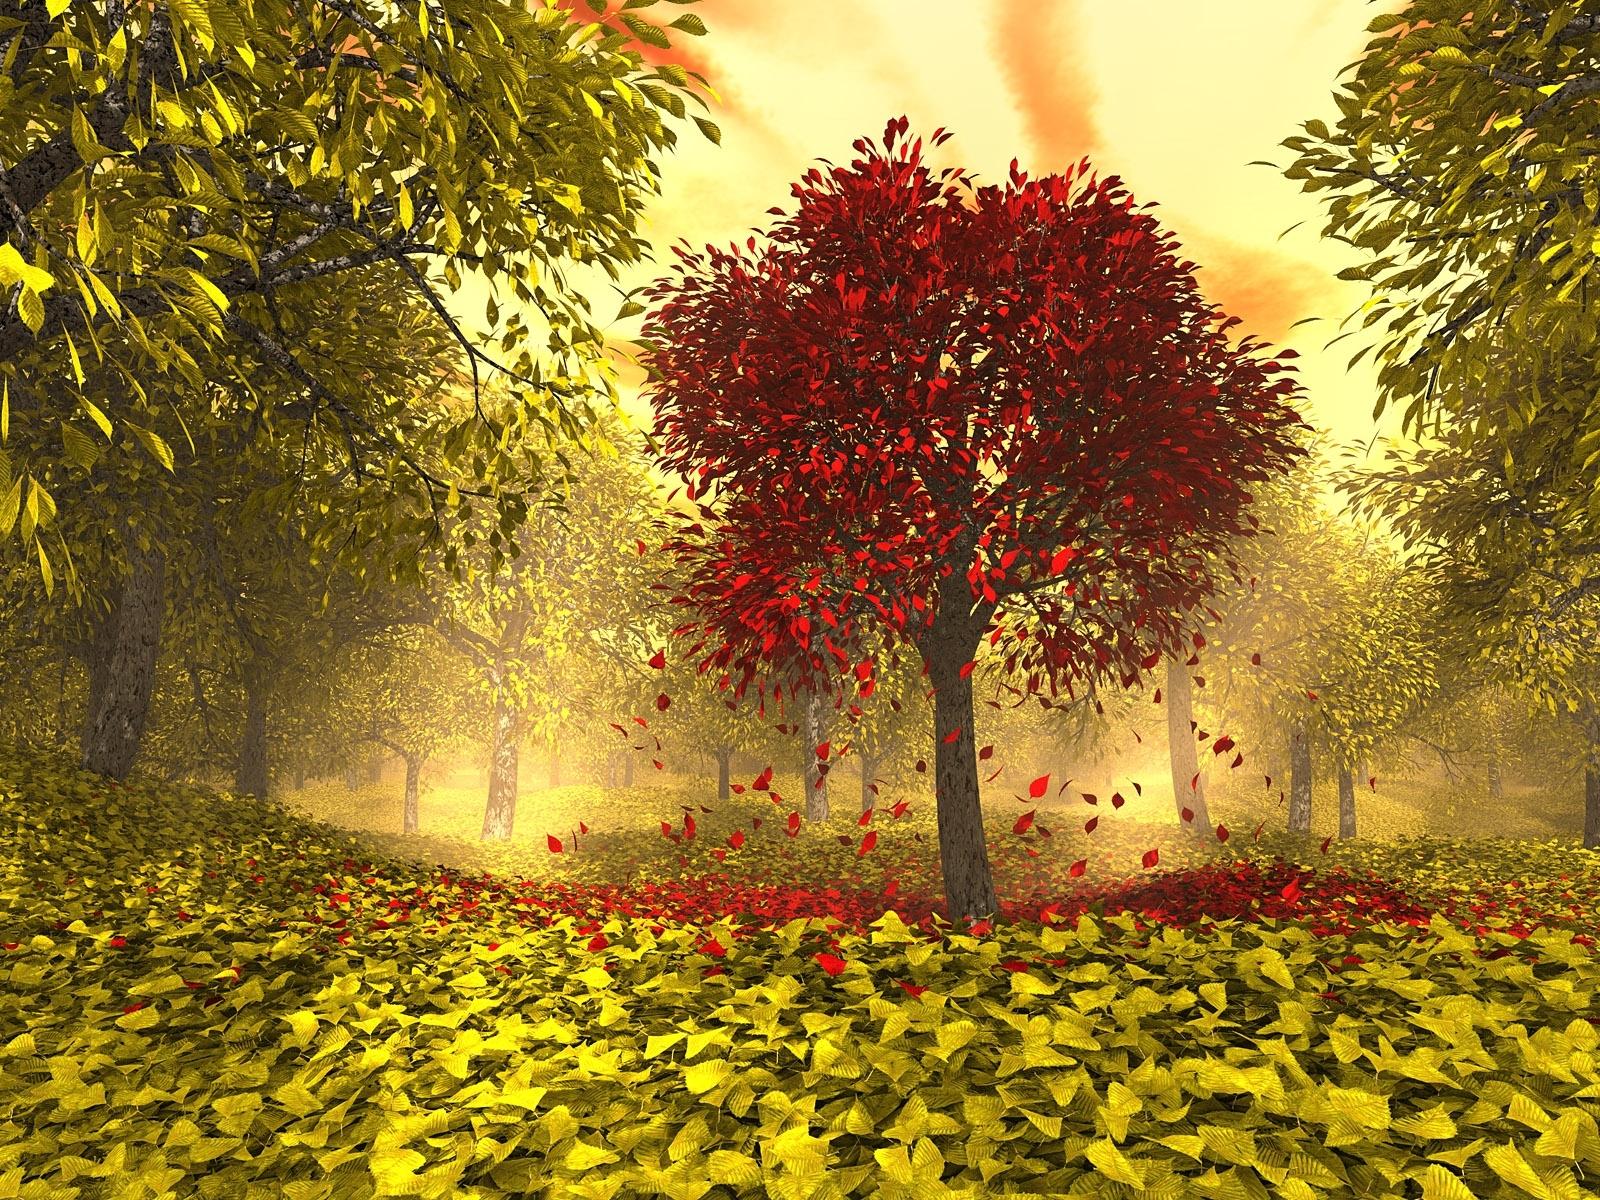 Скачать картинку Пейзаж, Деревья, Осень, Листья в телефон бесплатно.